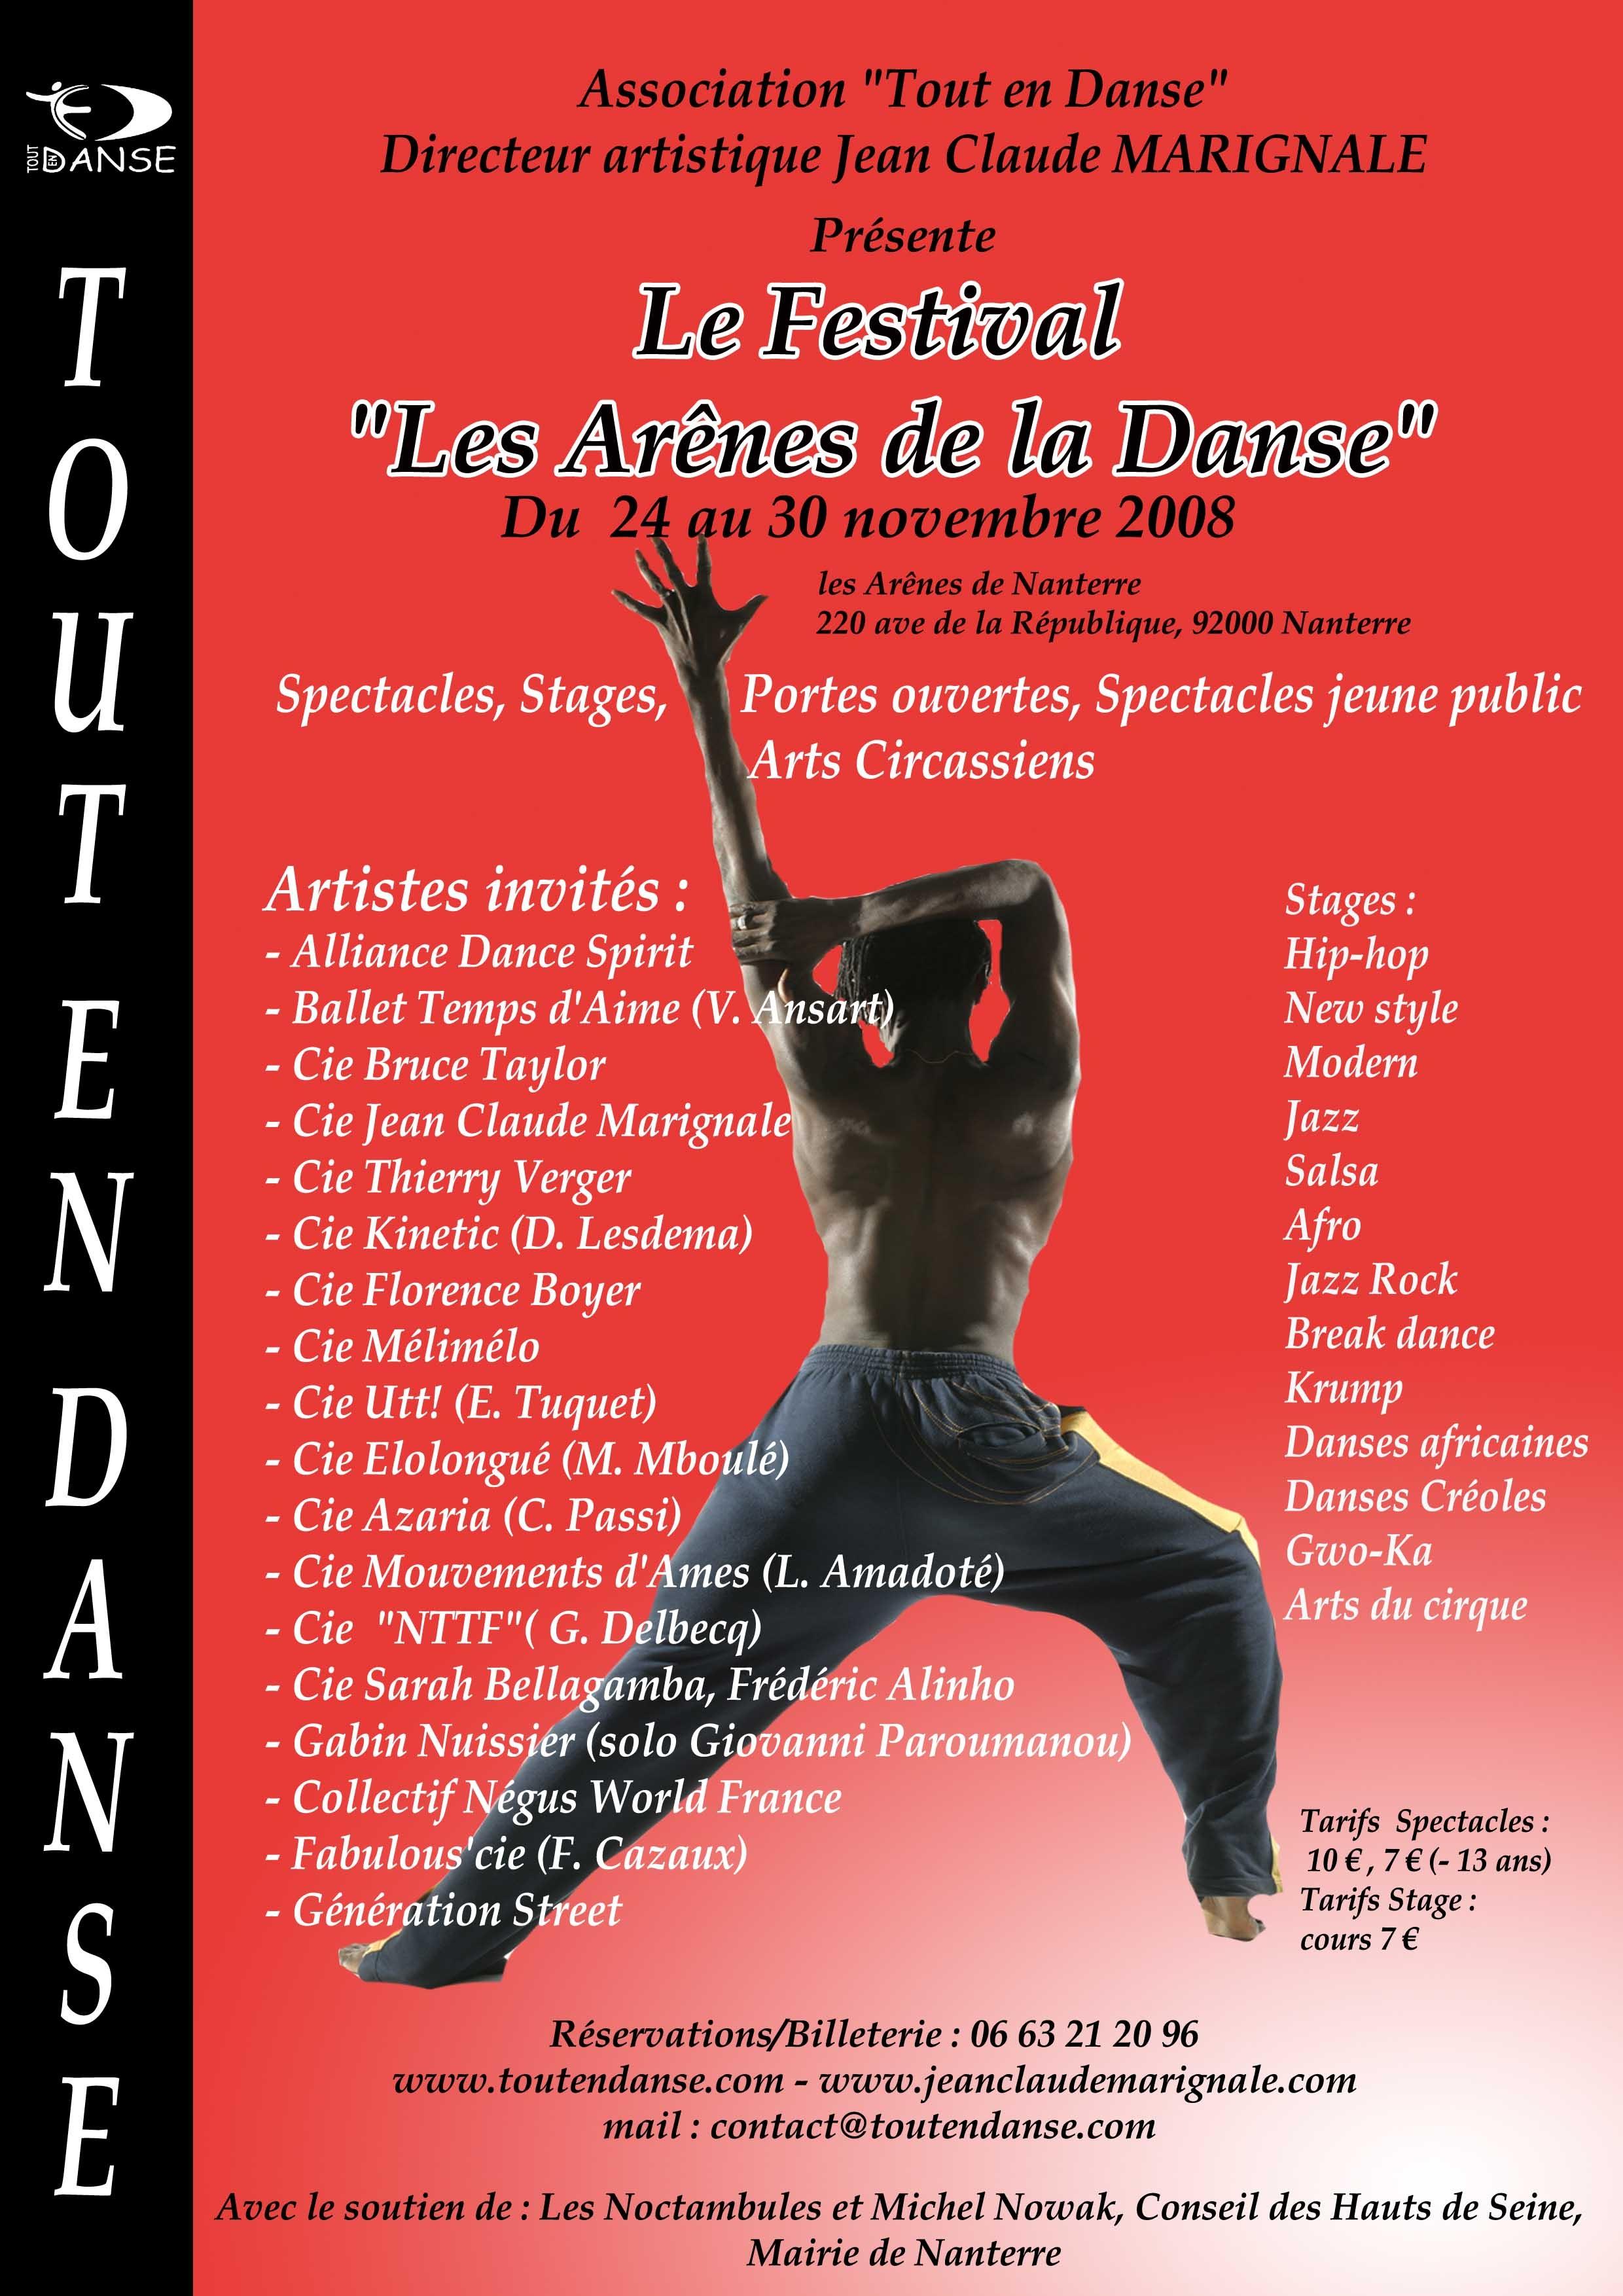 festival-ted-24-au-30-11-08-bis.jpg